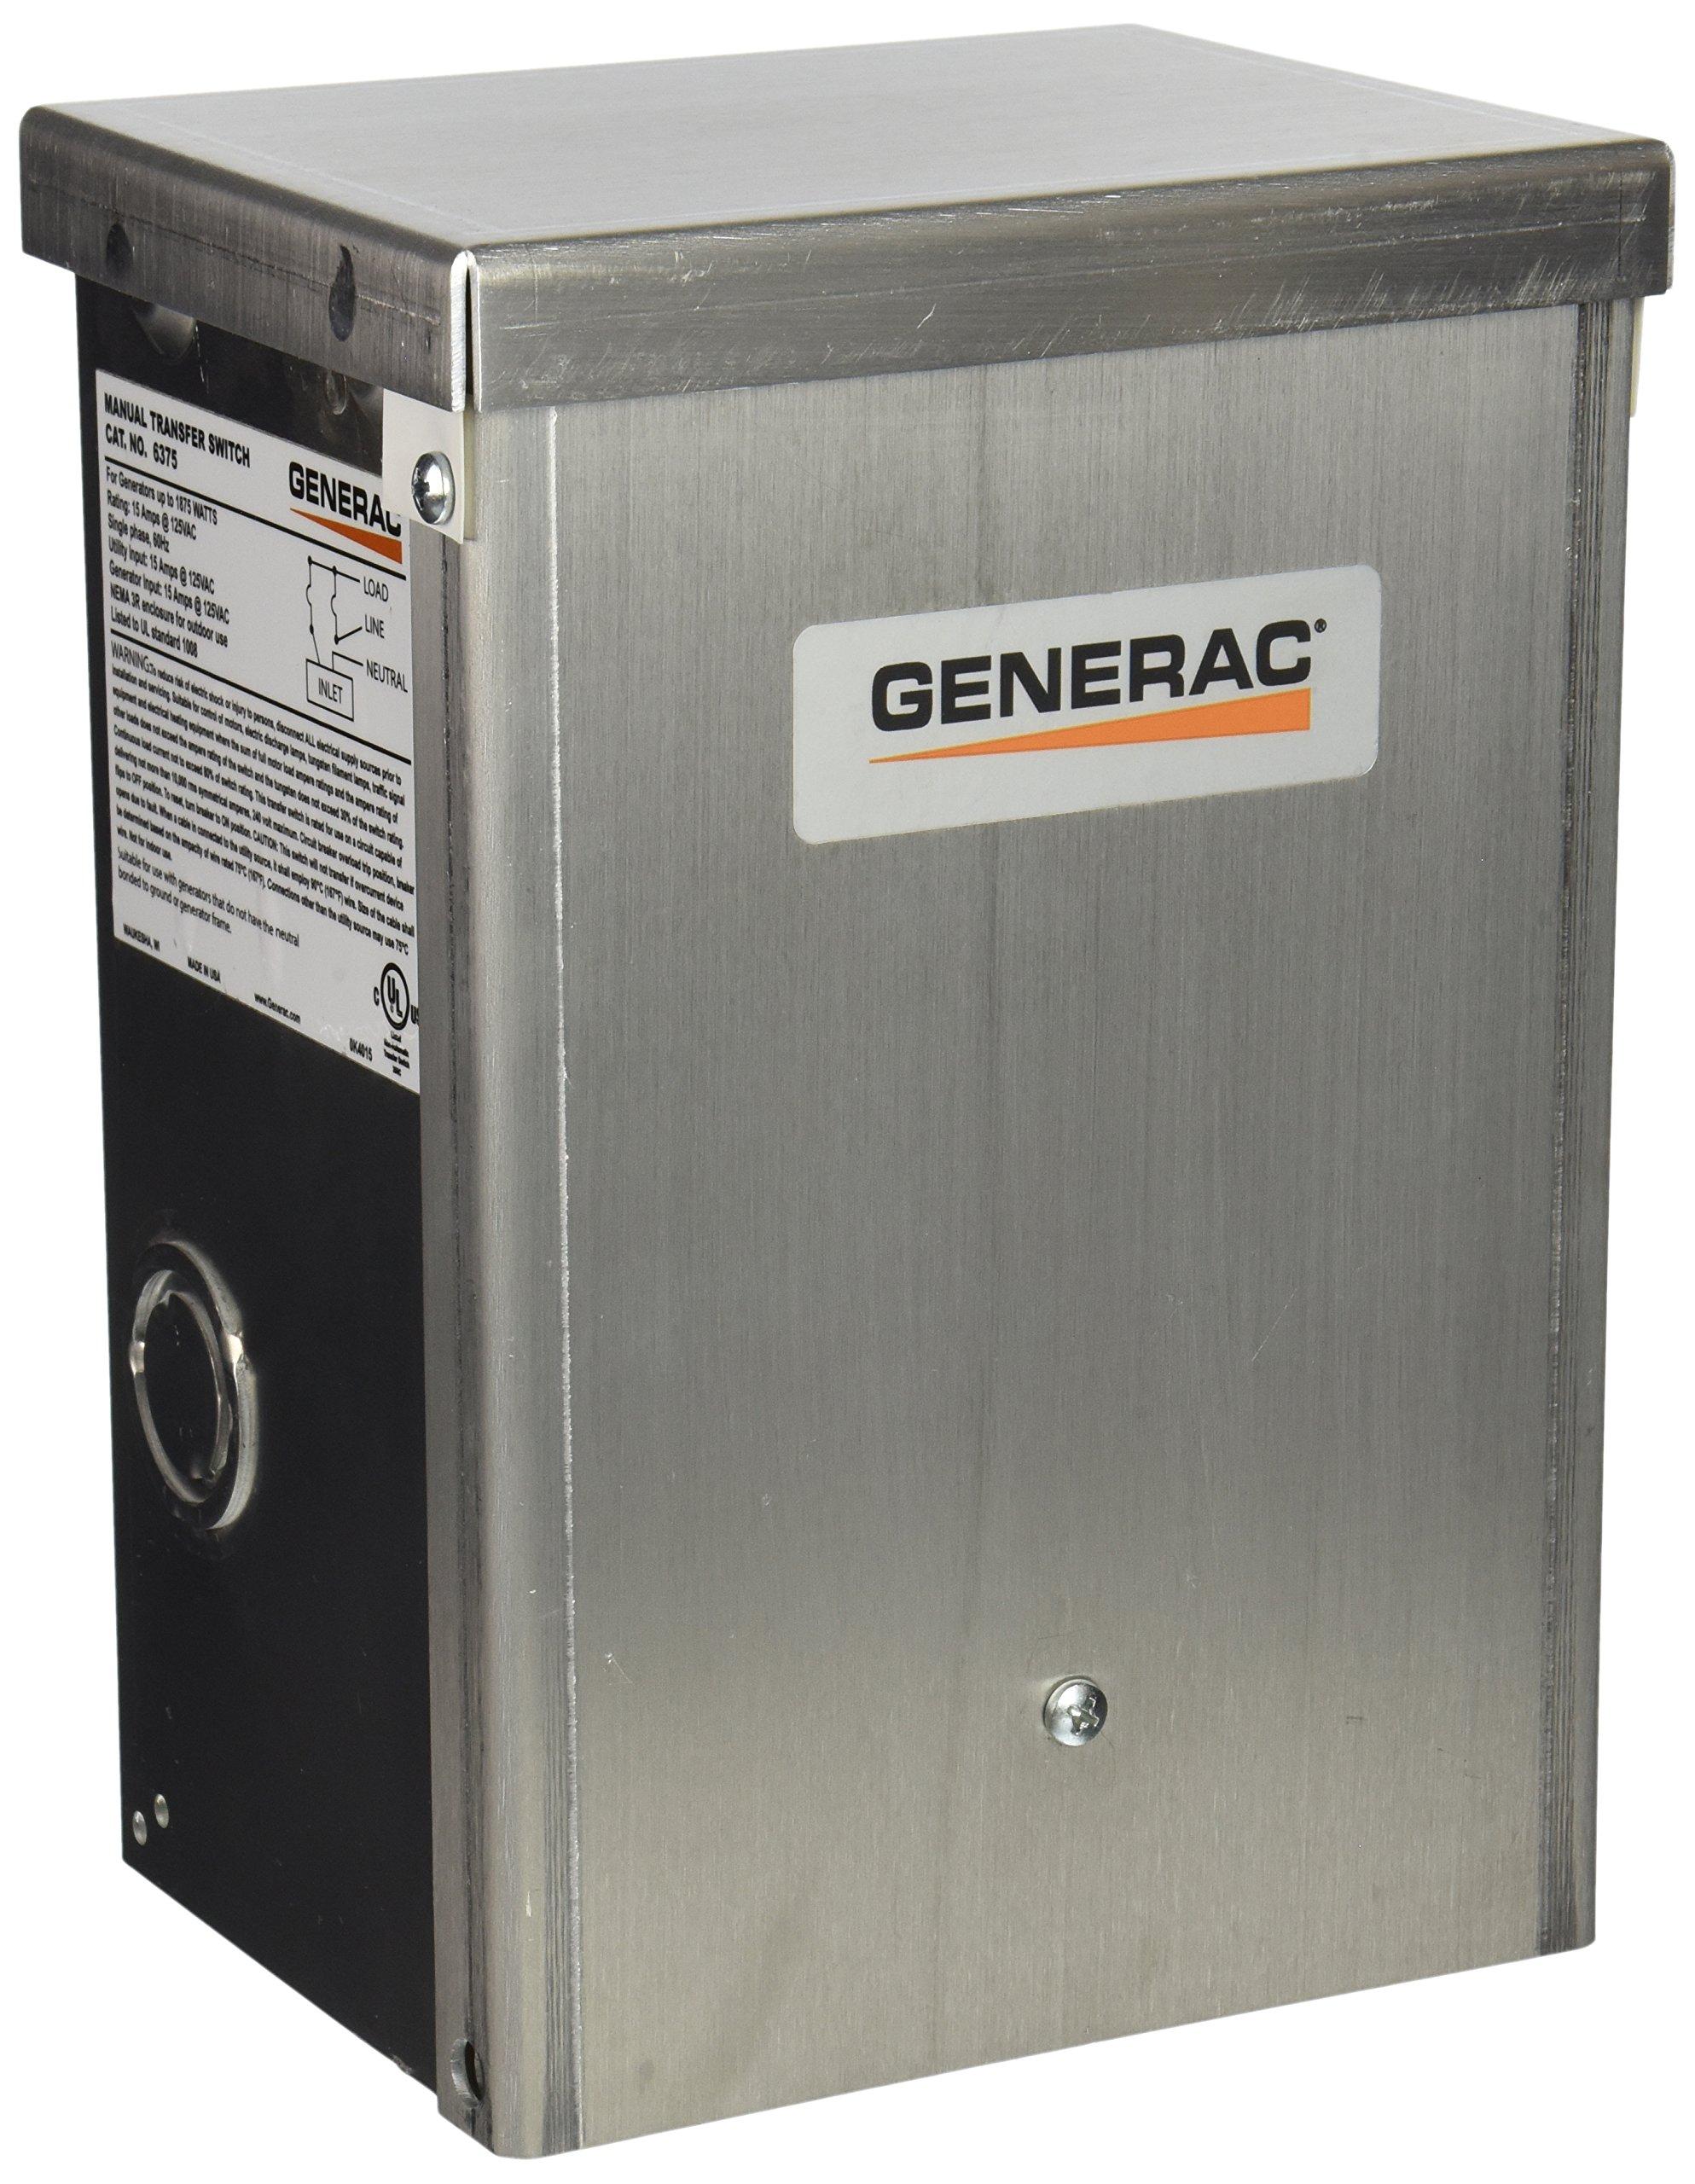 Generac 6375 15-Amp 125V Single-Circuit Outdoor Manual Transfer Switch for Maximum 7,500 Watt Generators by Generac (Image #1)